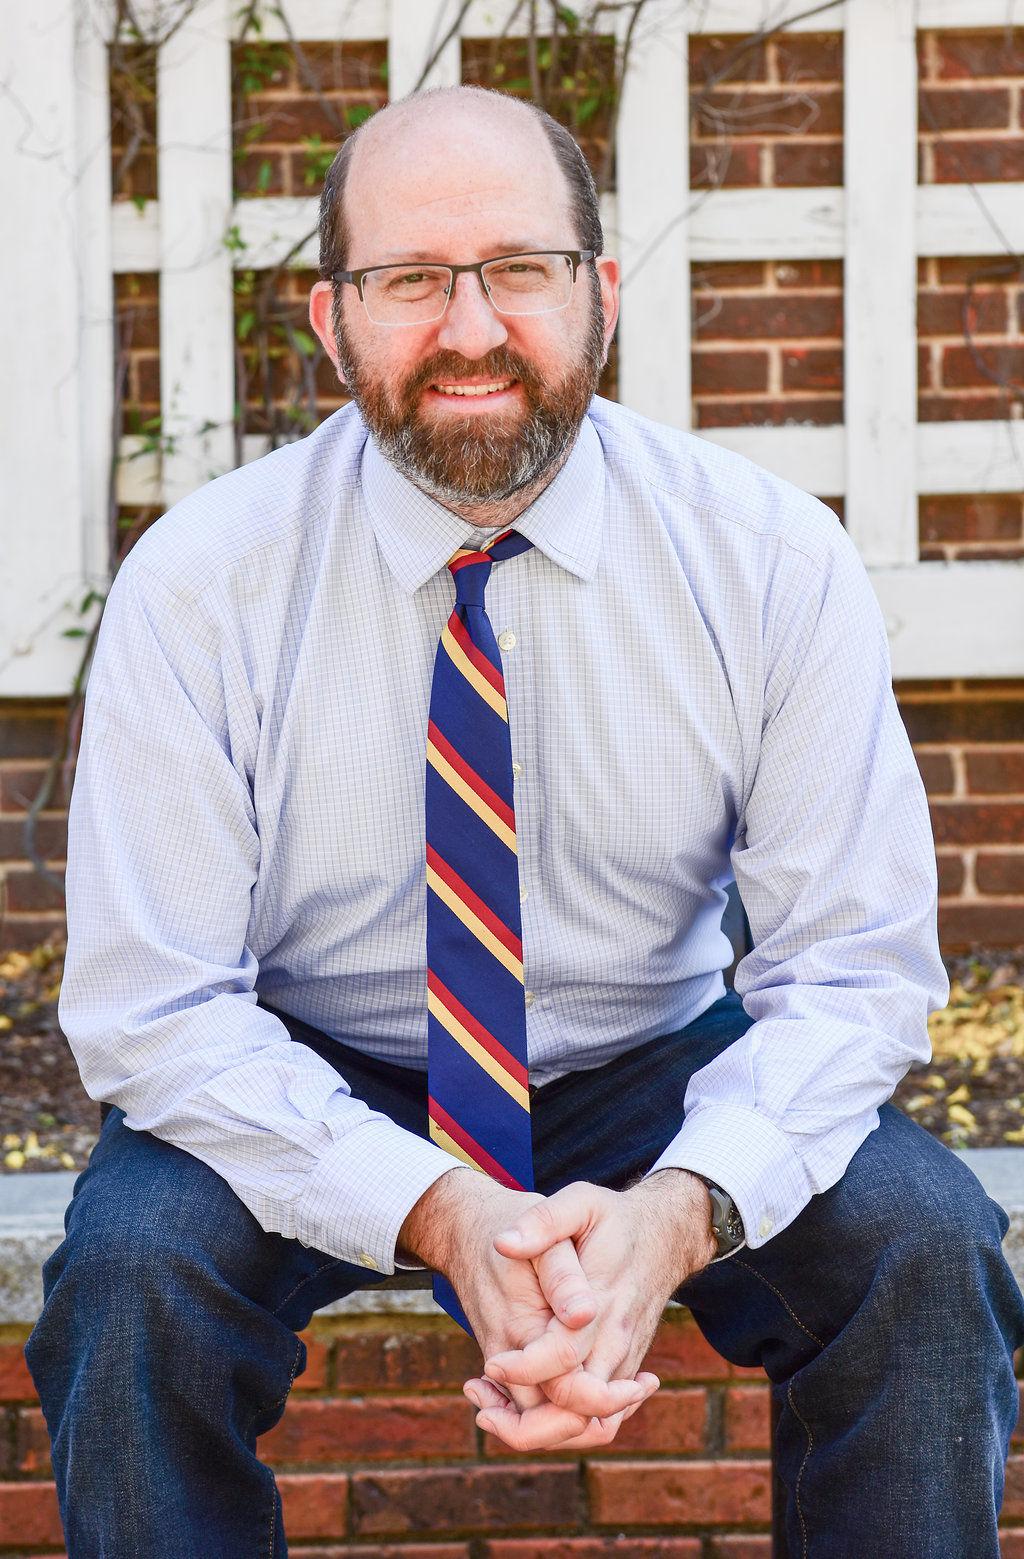 Adam Jortner